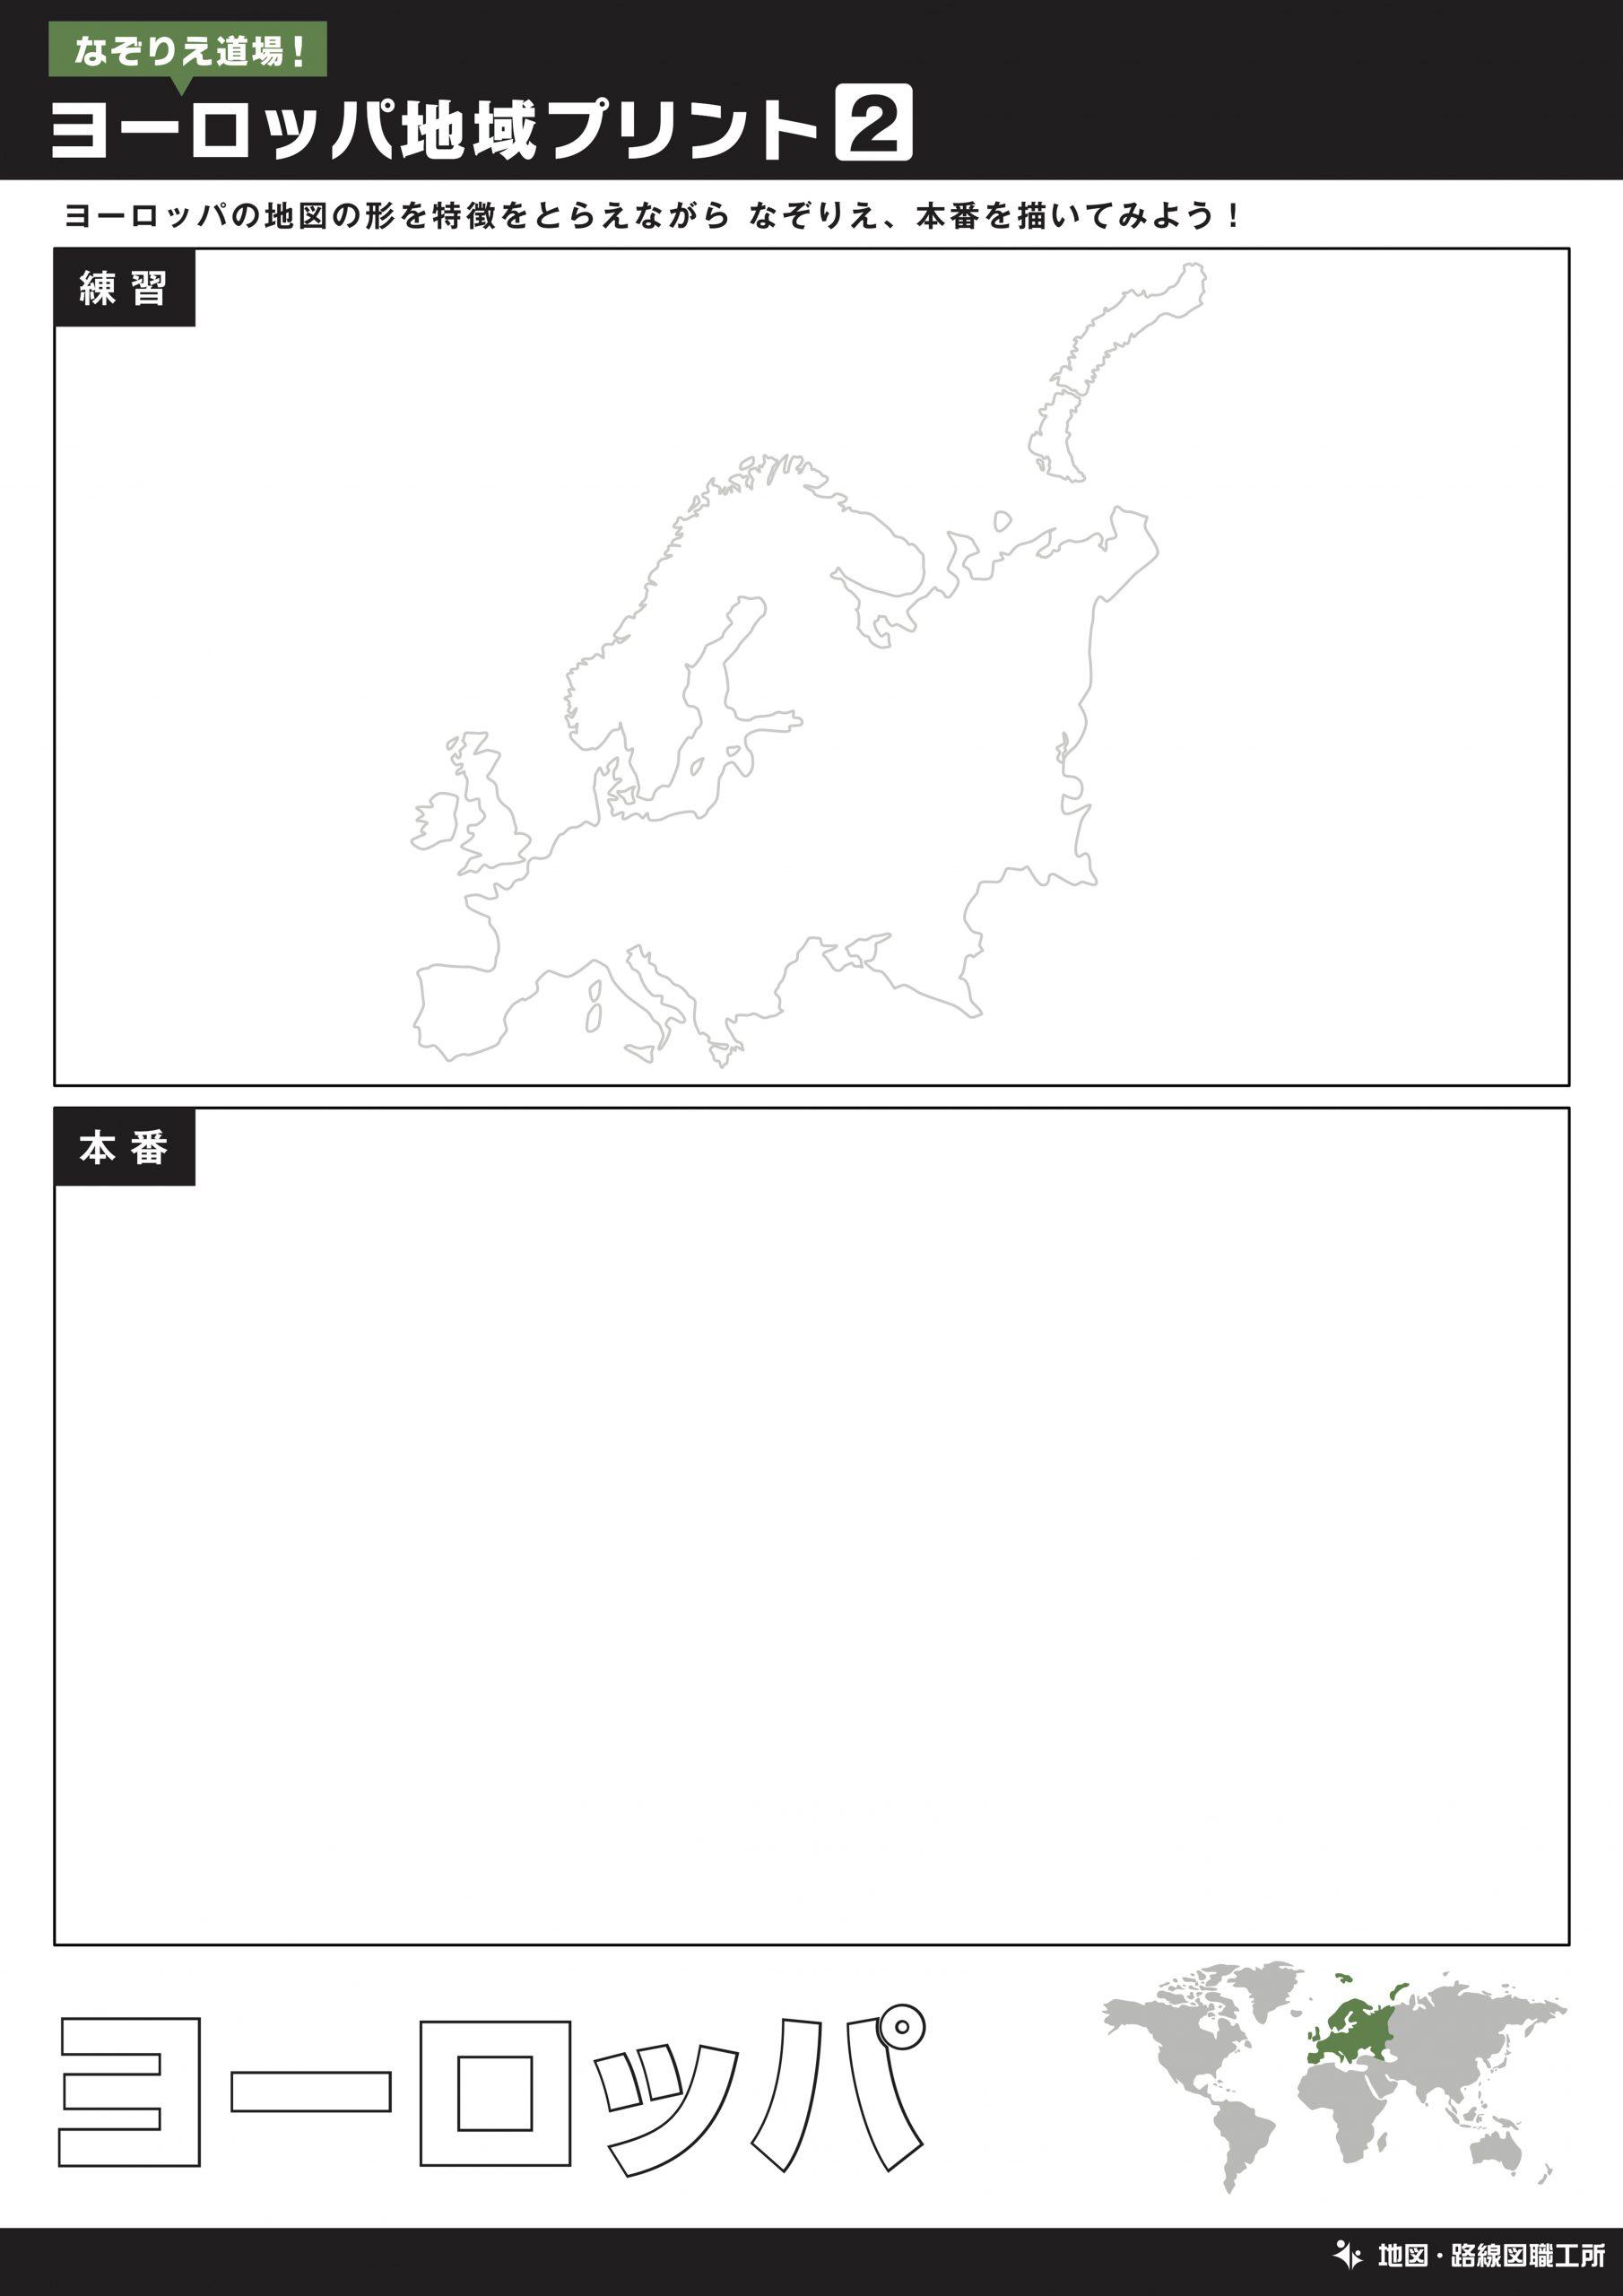 ヨーロッパ地図をなぞって描く練習②